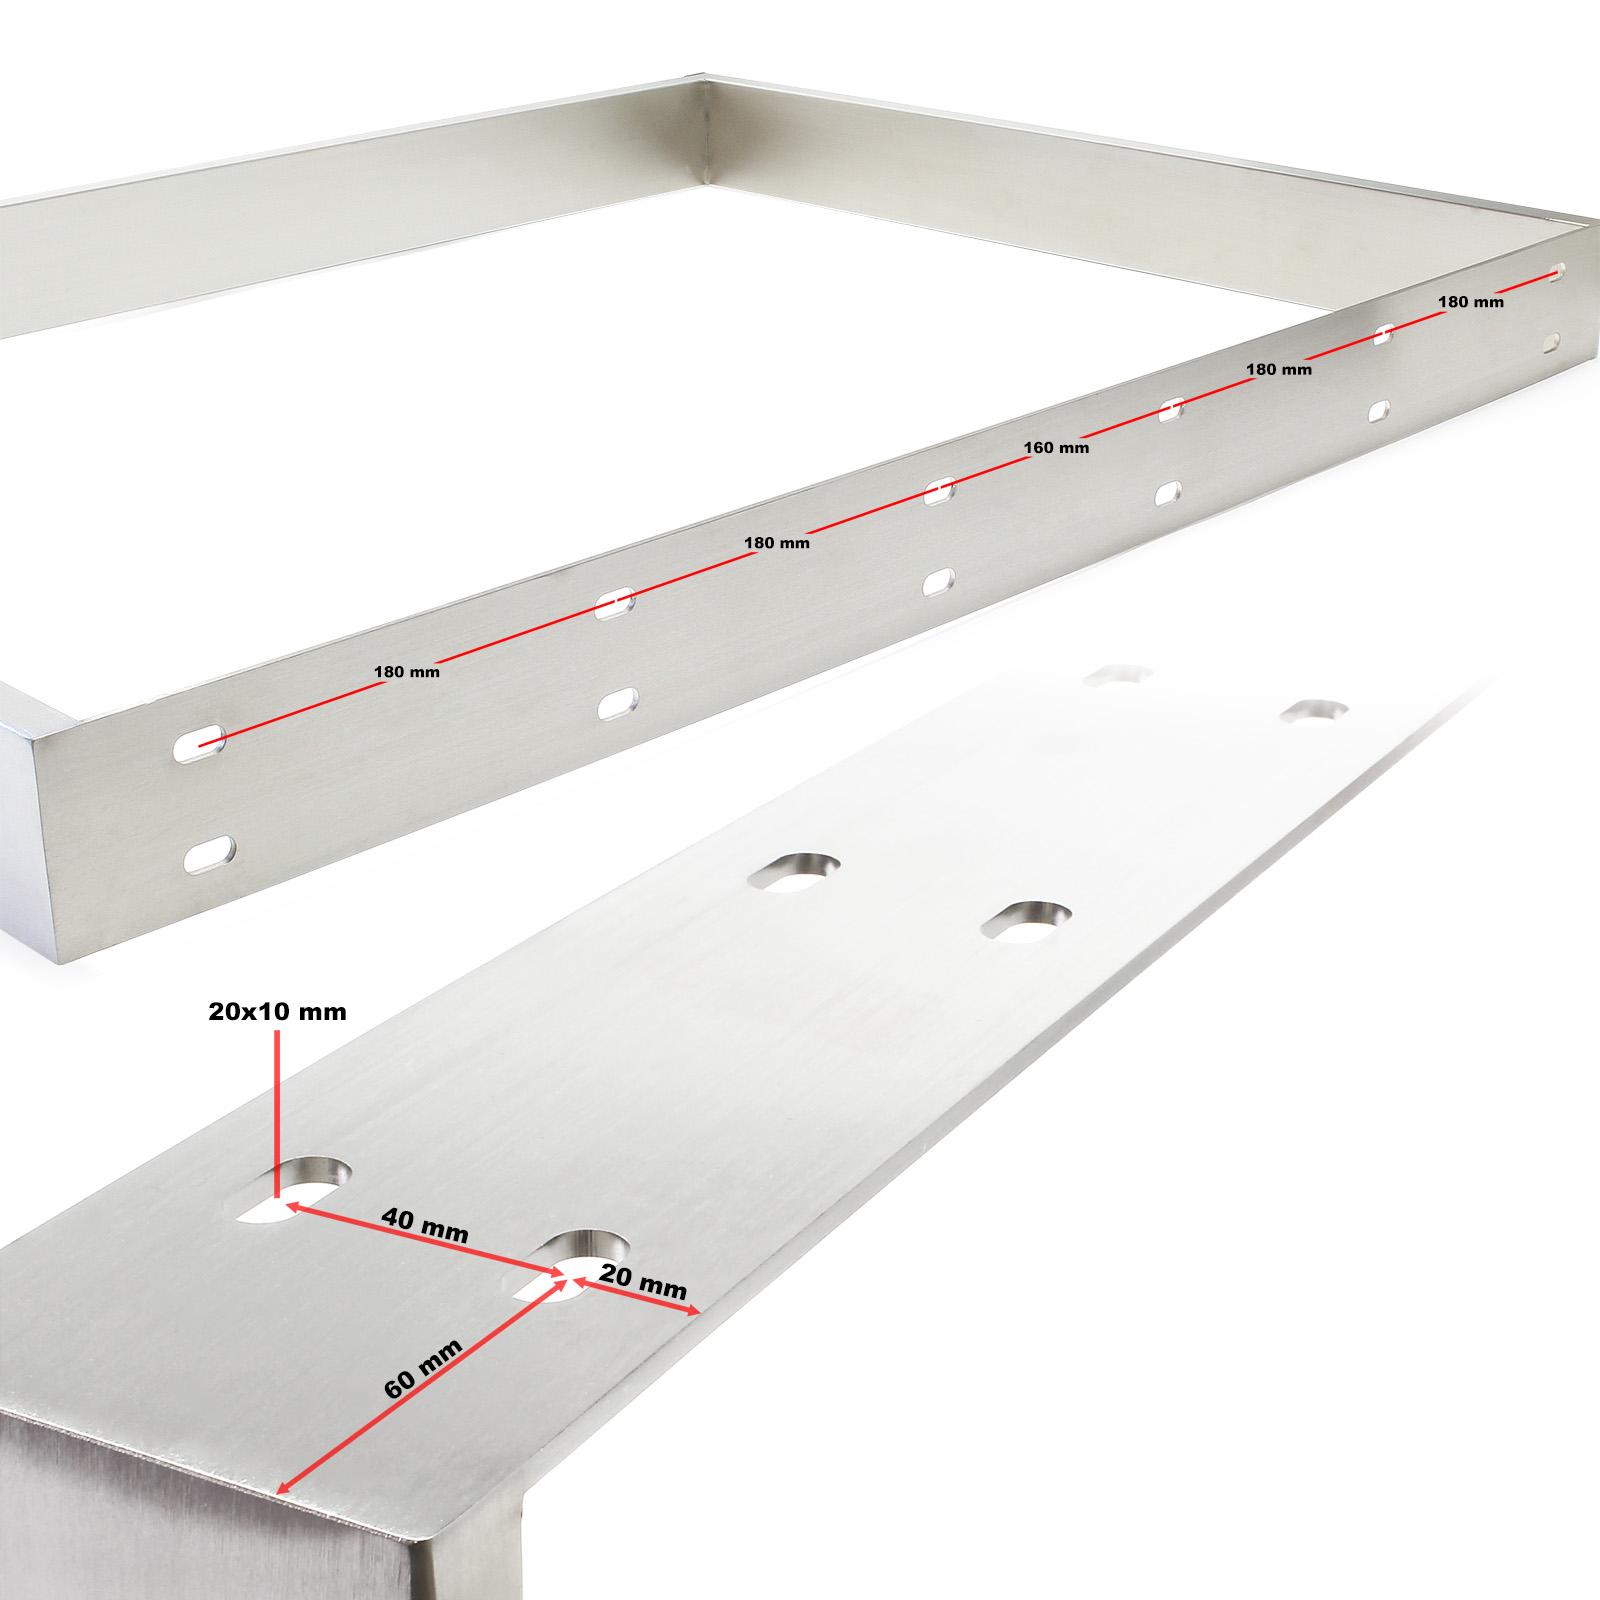 tischgestell 100x73cm edelstahl tischuntergestell tischkufe kufengestell tisch ebay. Black Bedroom Furniture Sets. Home Design Ideas